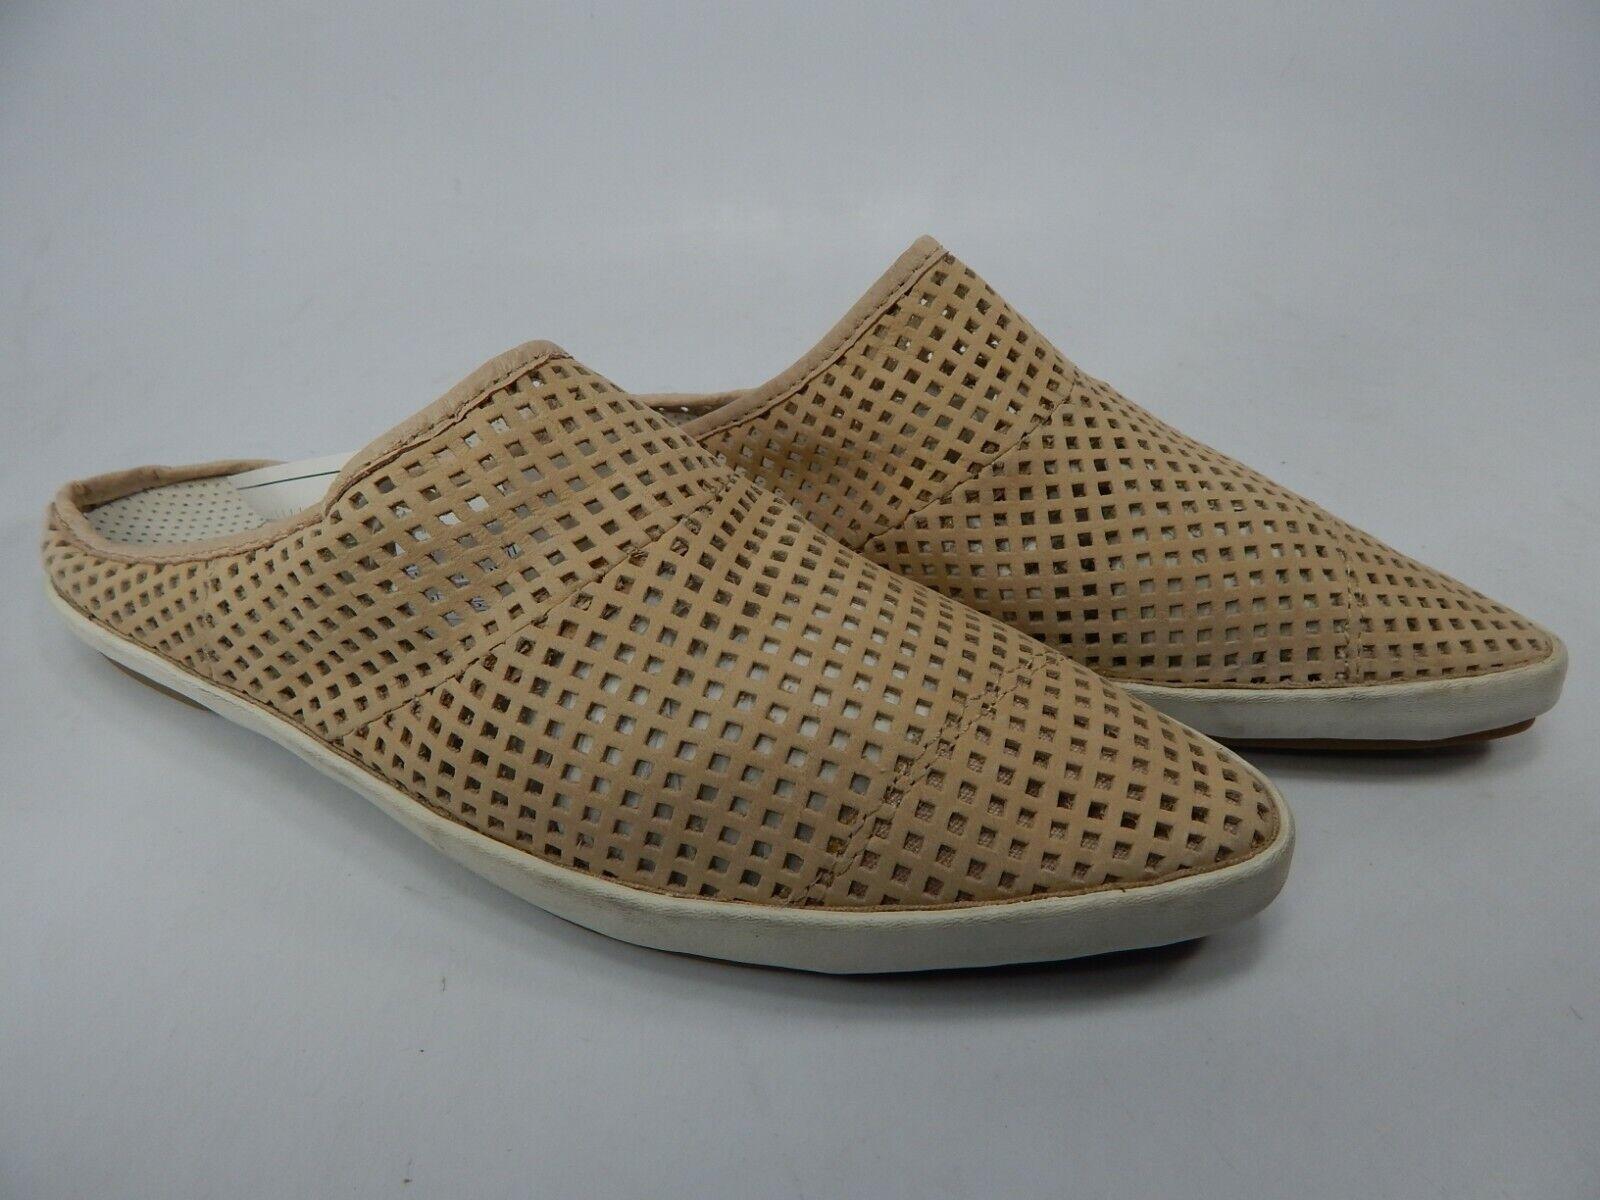 Sanuk Kat Scuffle Limited Size US 7 M (B) EU 38 Women's Slide shoes Beige 712204